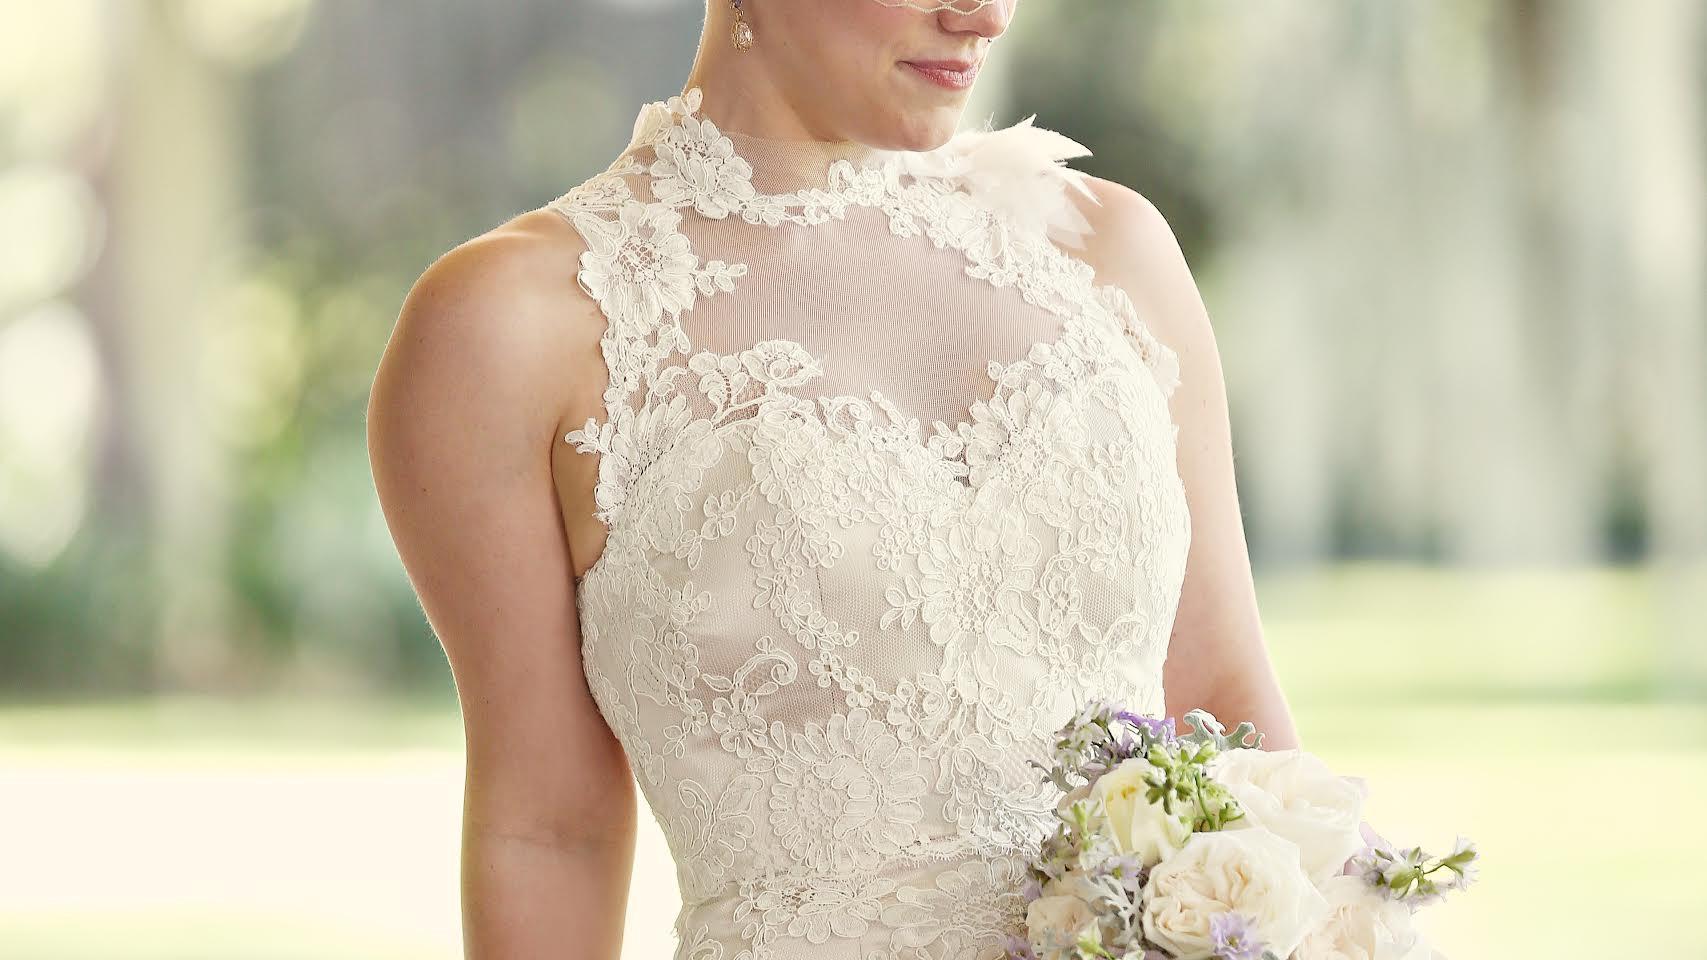 makeup artistry for bride